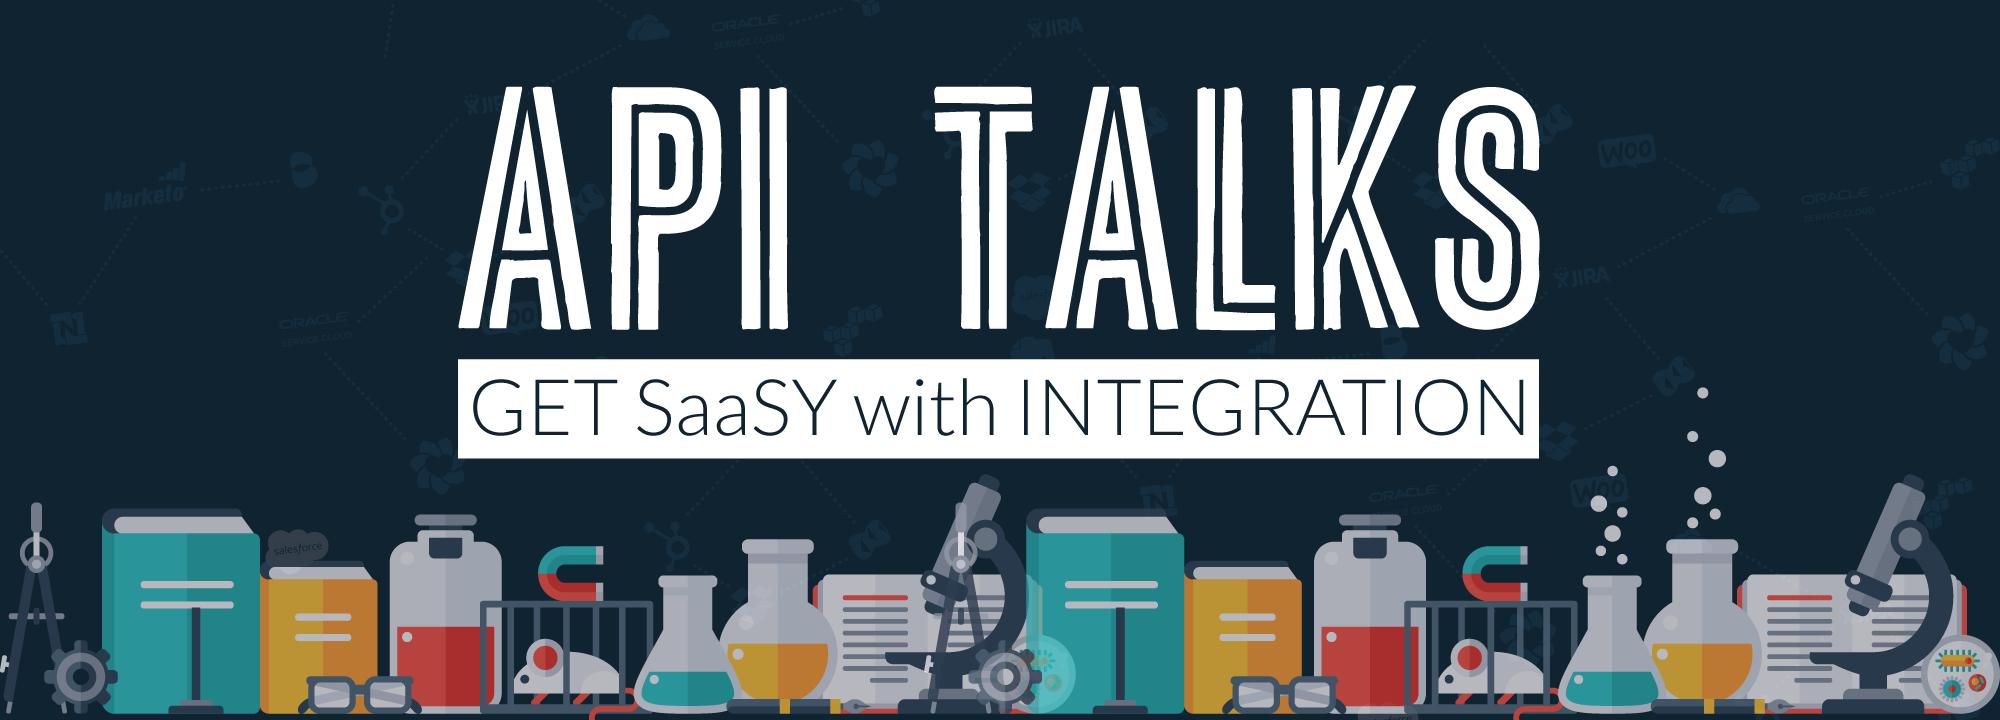 API-TALKS-2017